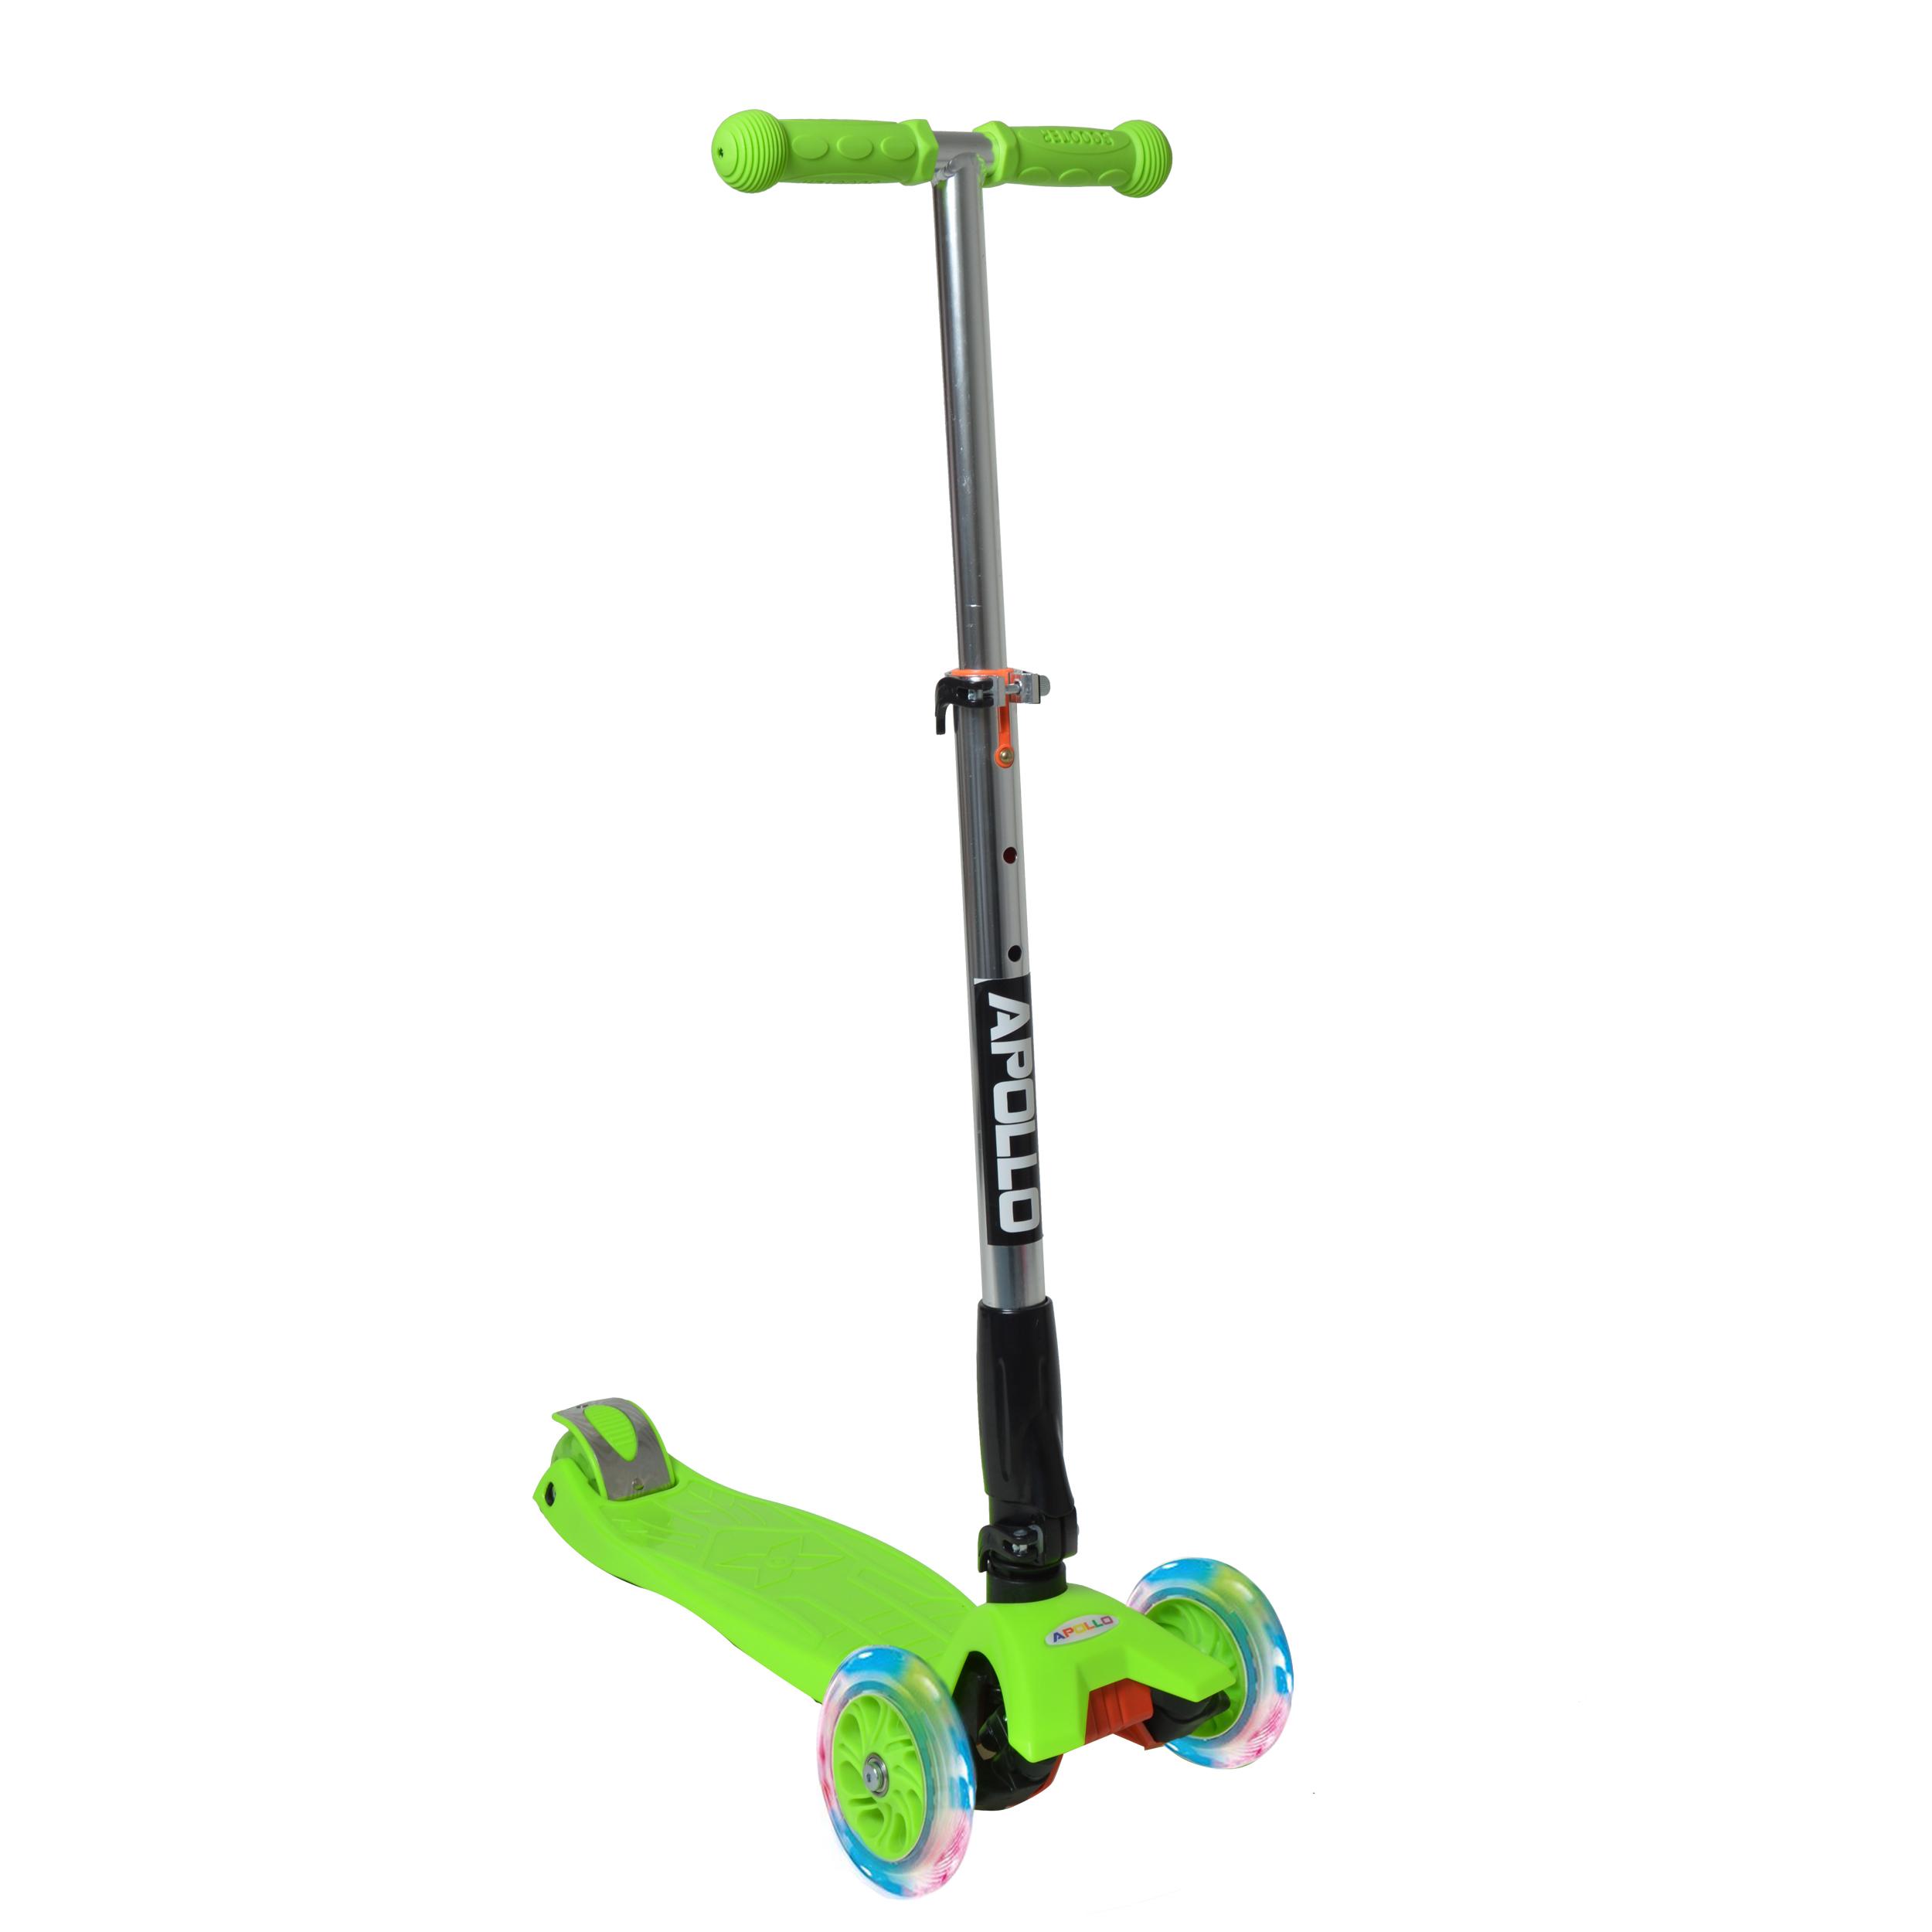 Fun-Scooter für Kinder ab 2 - Grün